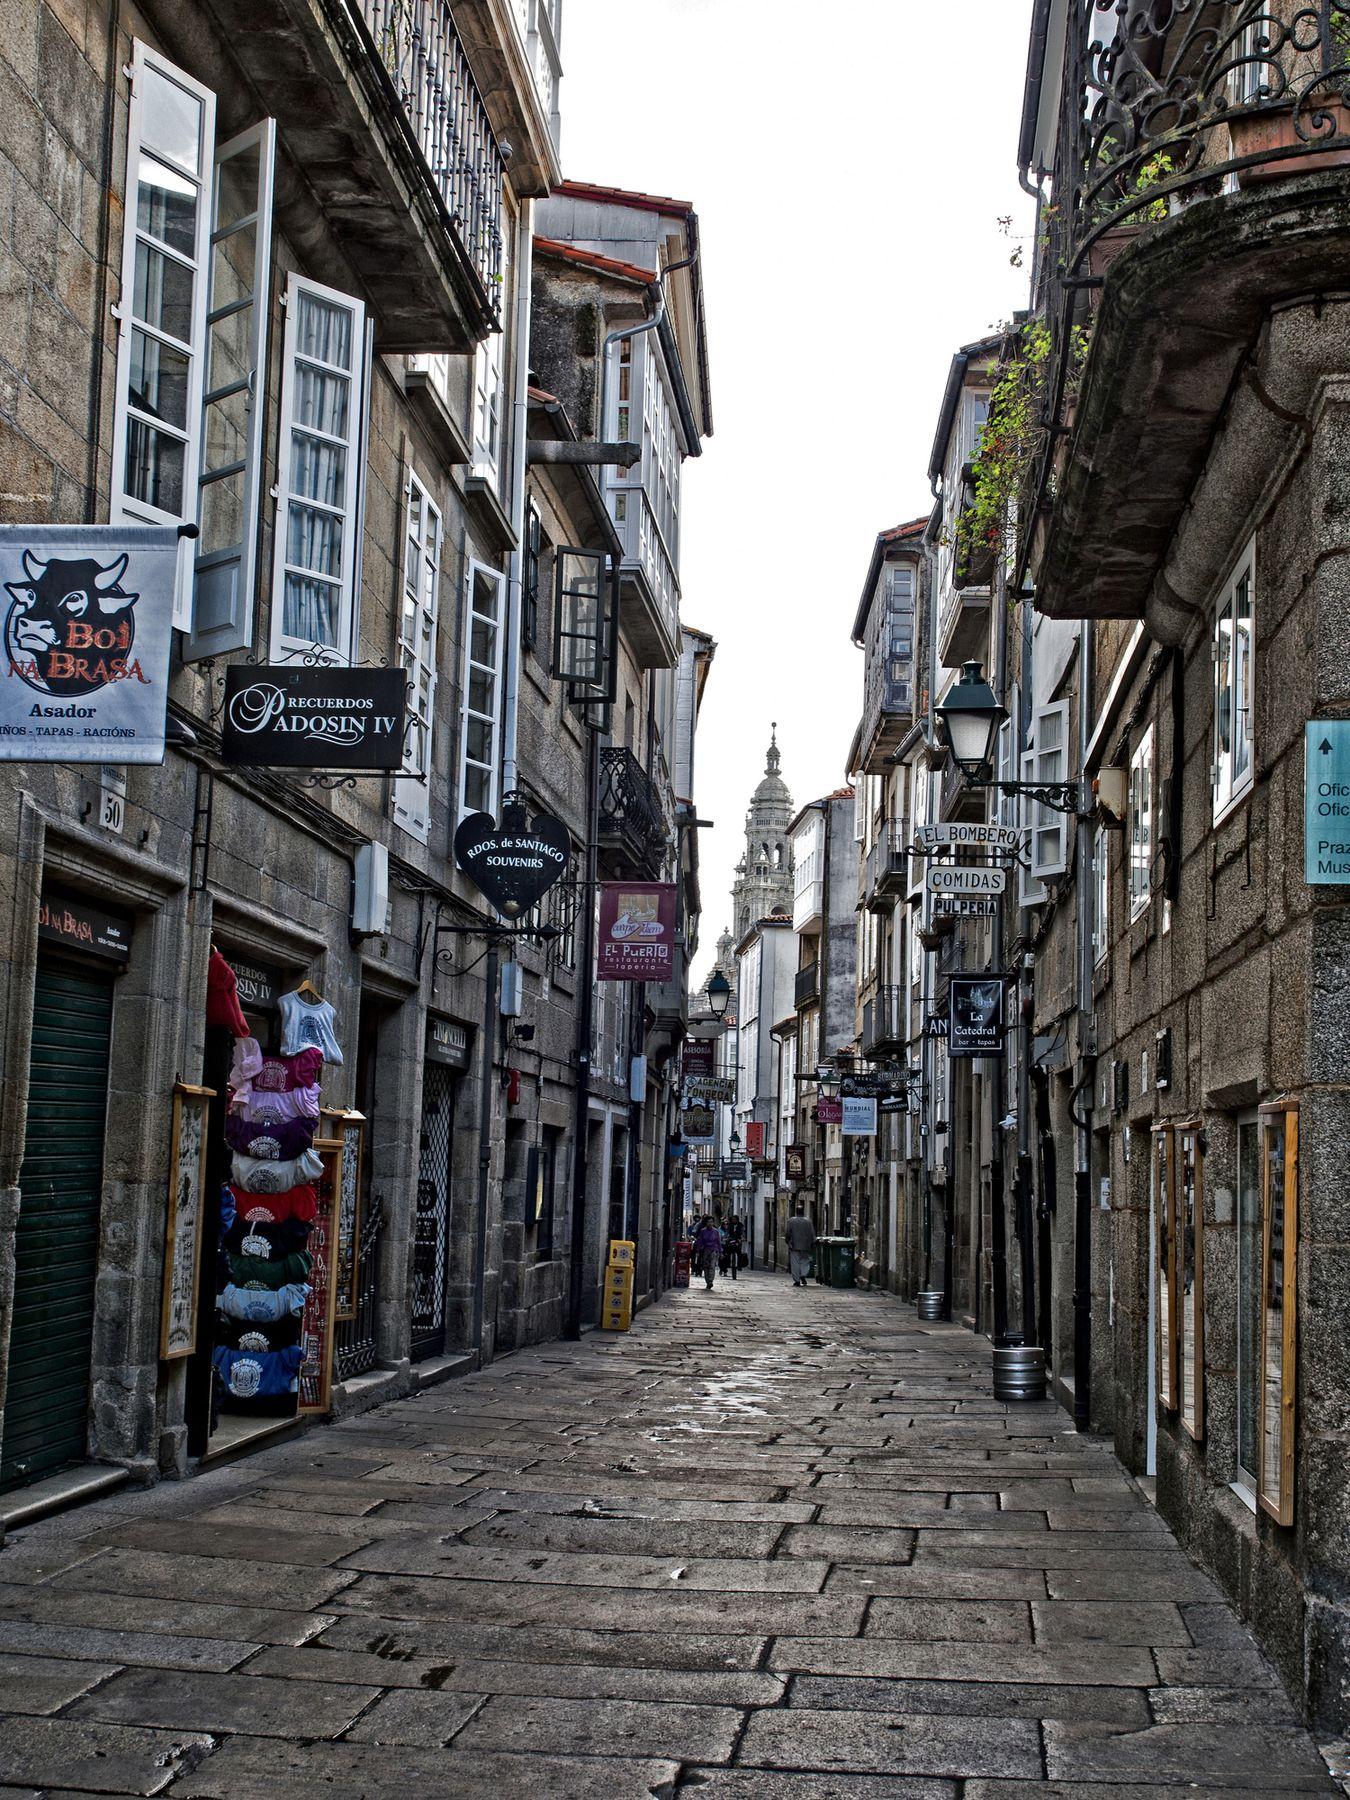 Τα στενά της παλιάς πόλης στο Σαντιαγο ντε Κομποστέλα.